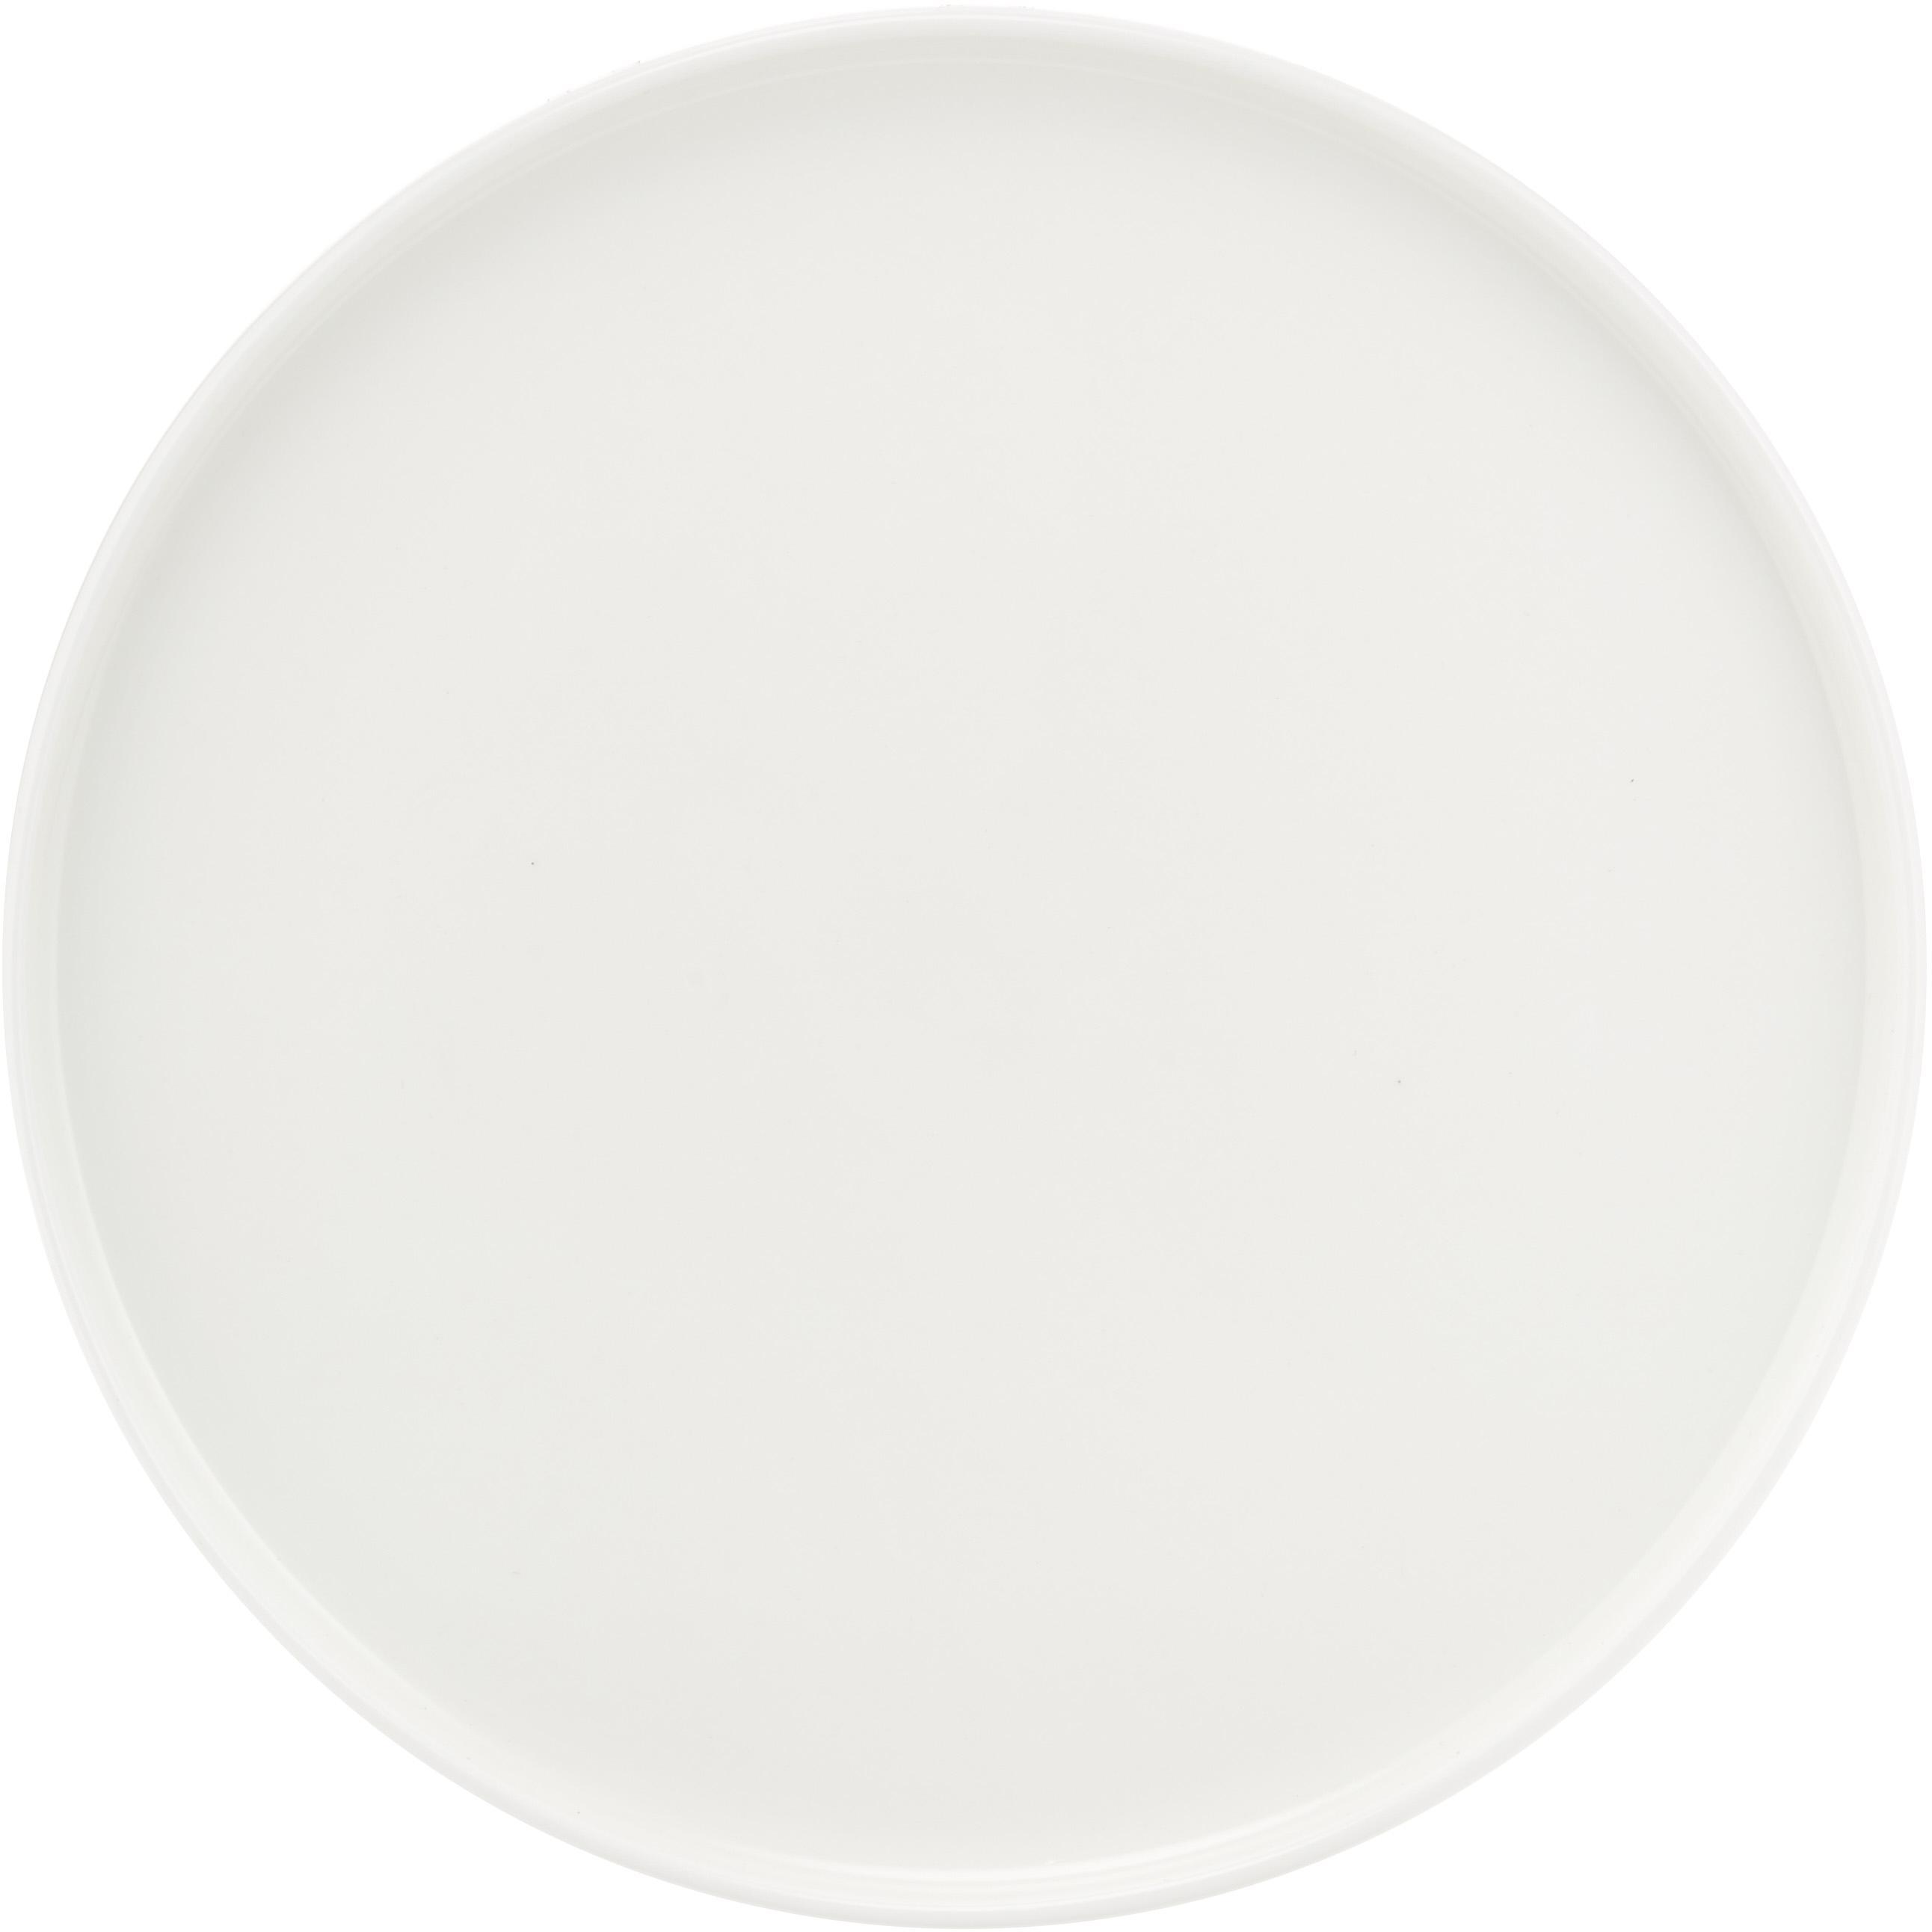 Ontbijtborden Oco, 6 stuks, Beenderporselein, Wit, Ø 21 cm